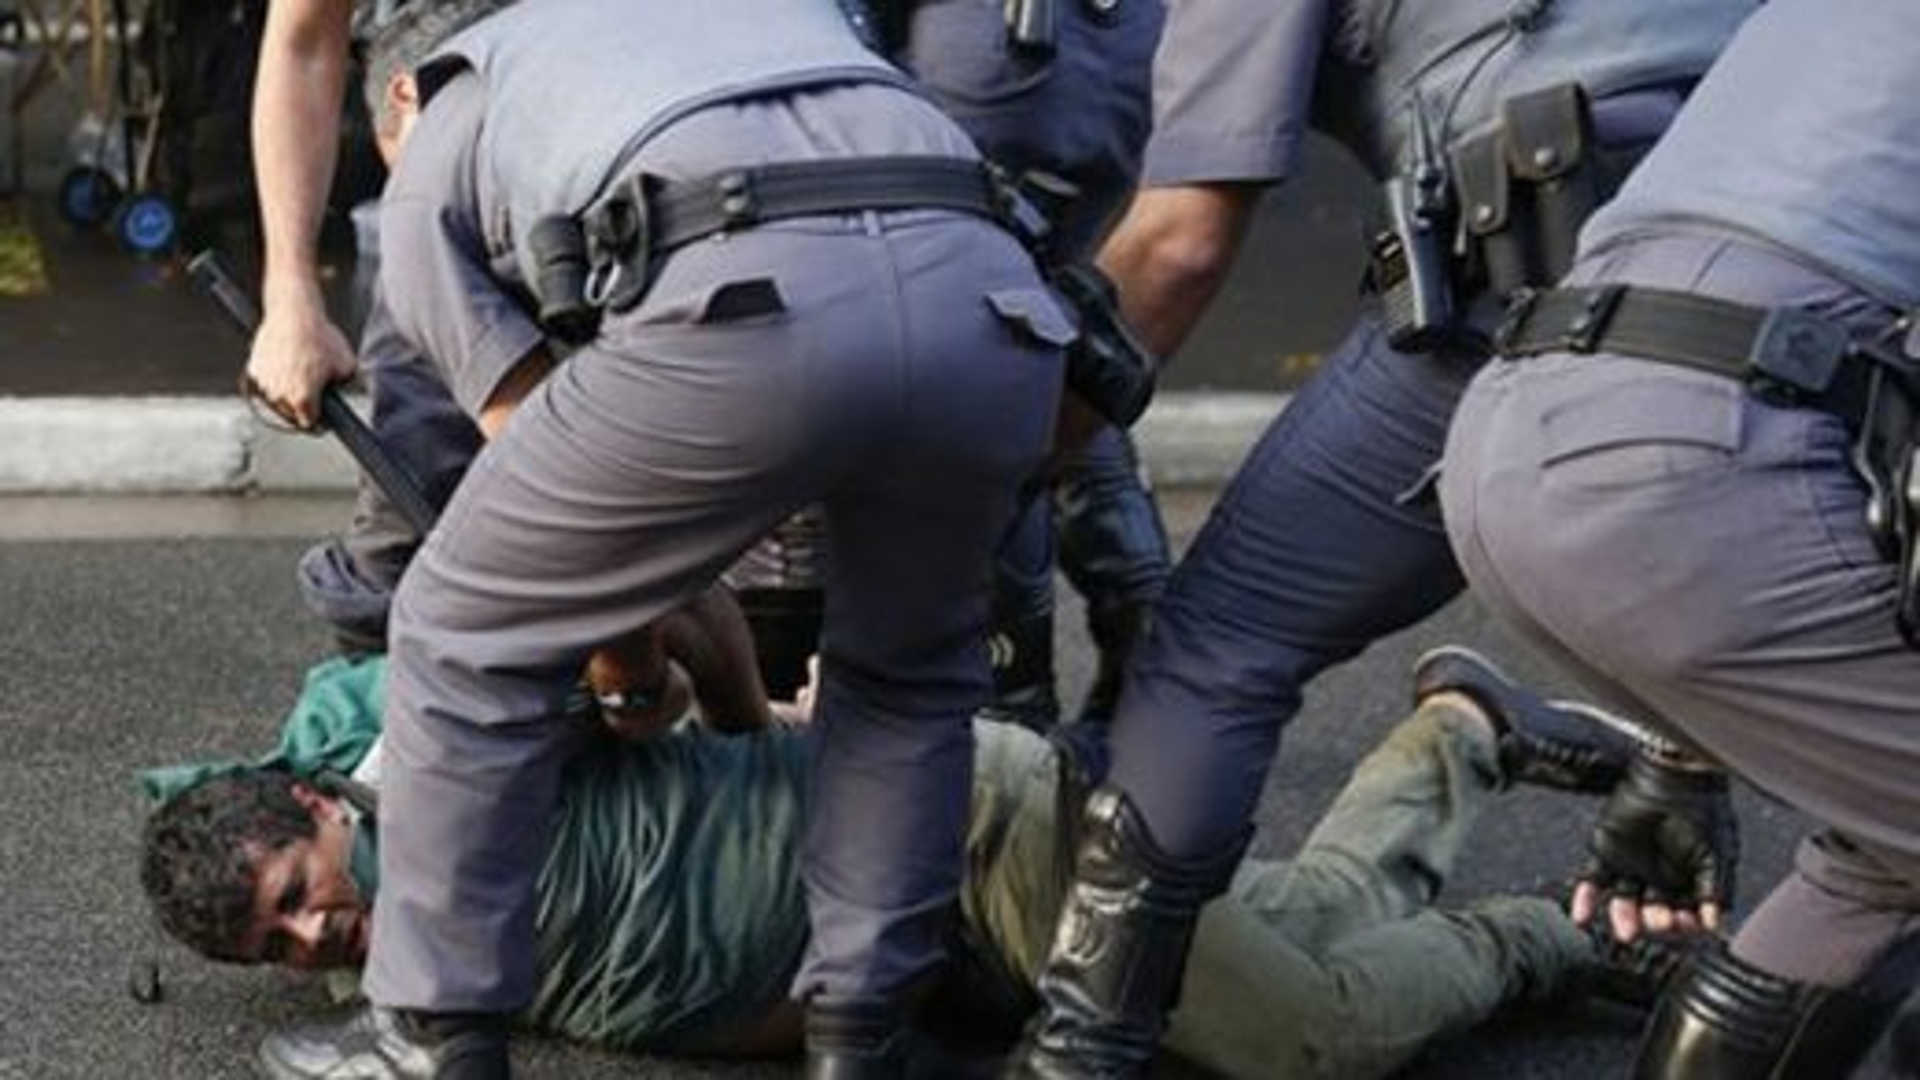 پلیس-برزیل | تگ